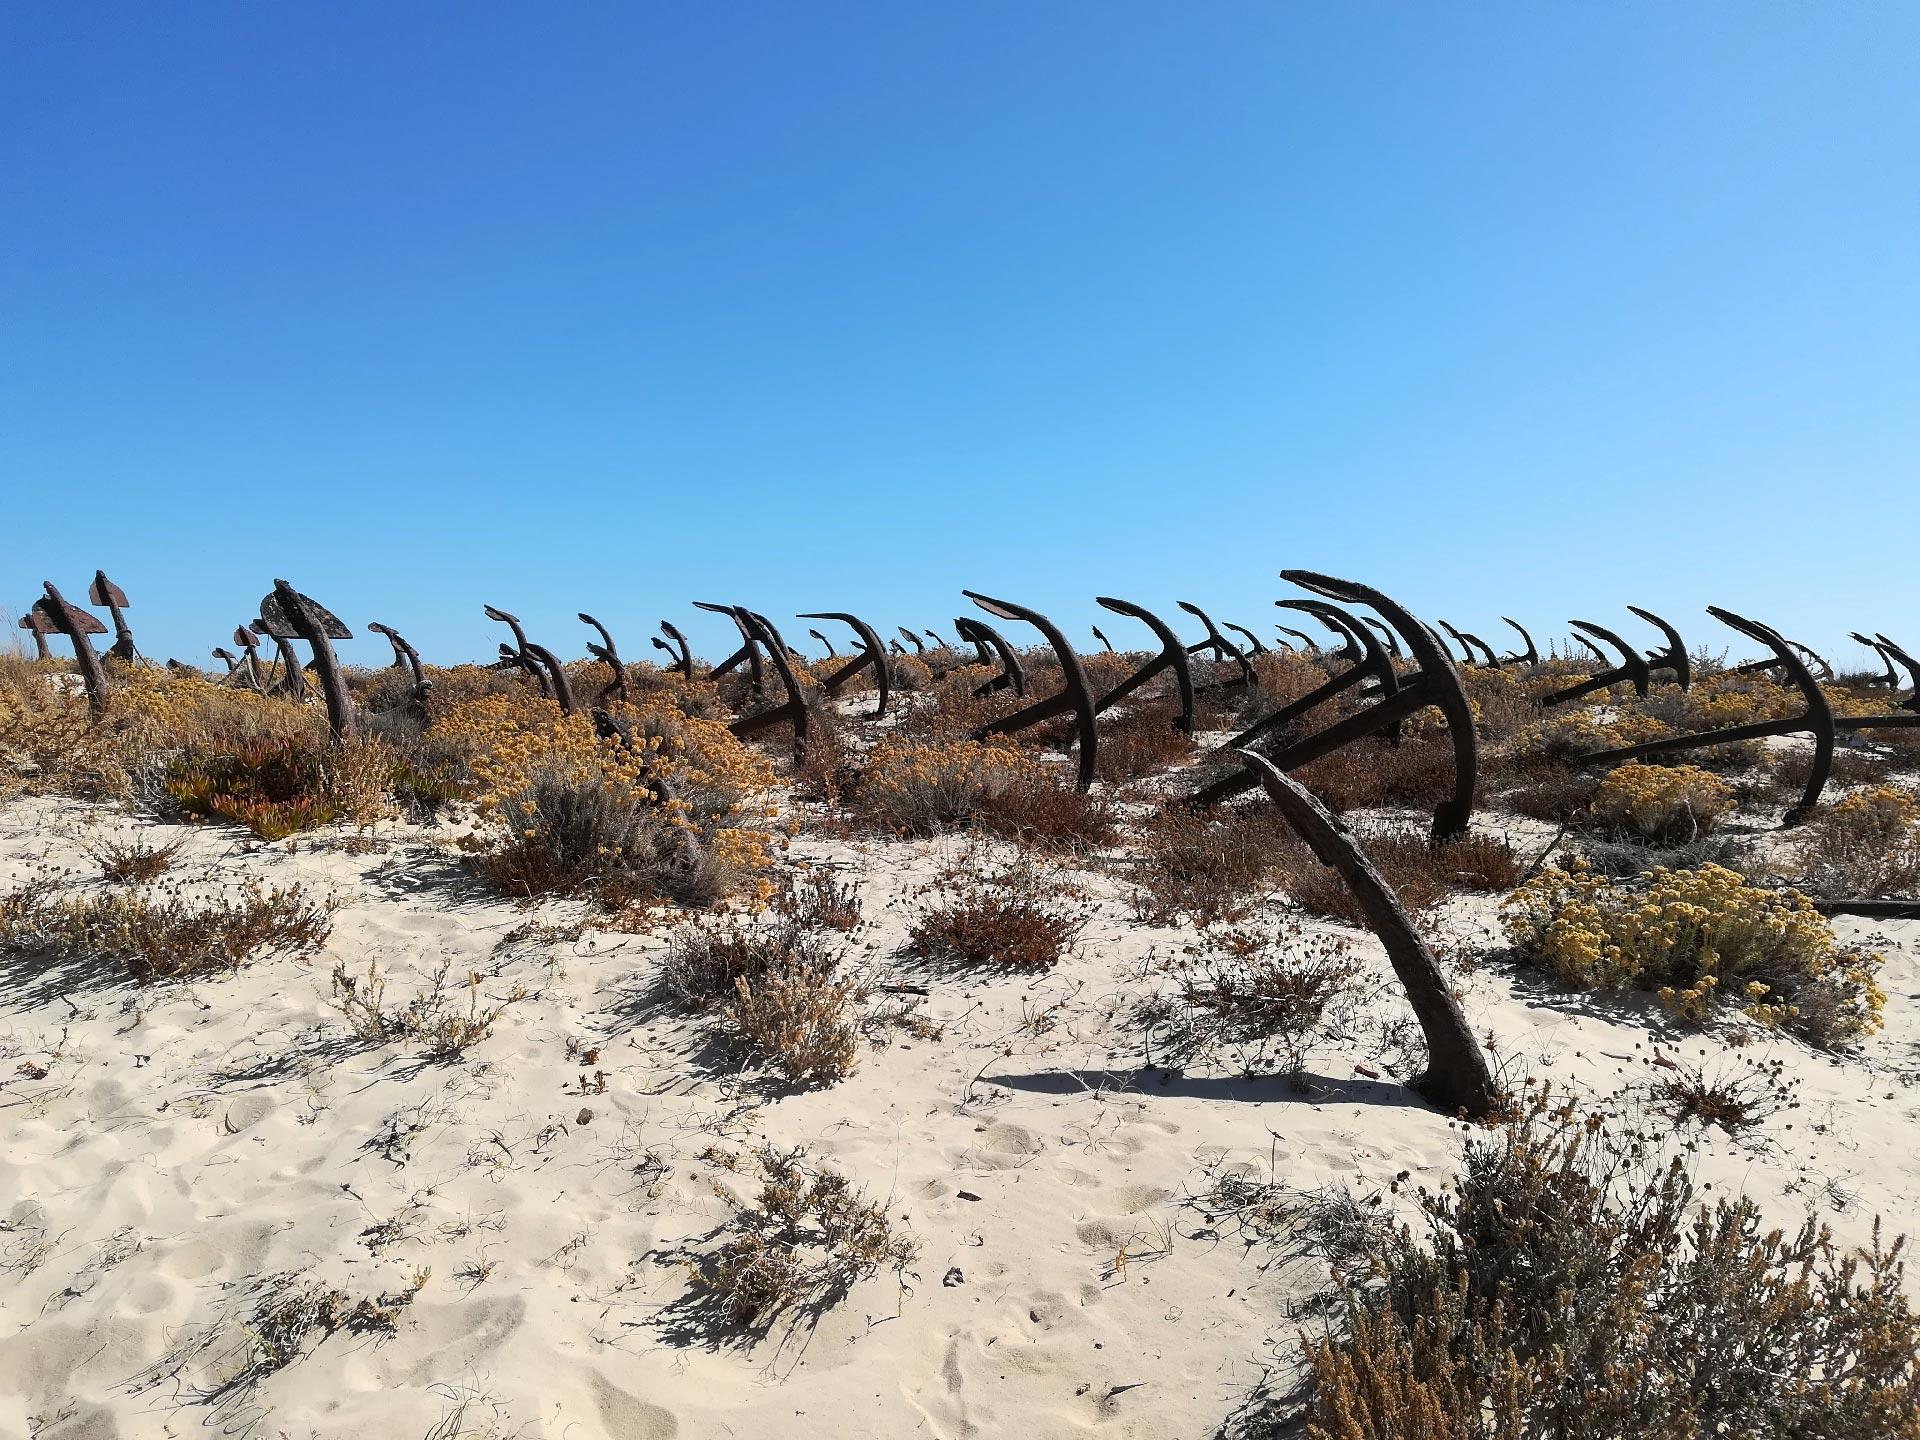 Veduta della spiaggia di Tavira, particolare del Cimitero delle ancore, Faro, Algarve, Portogallo